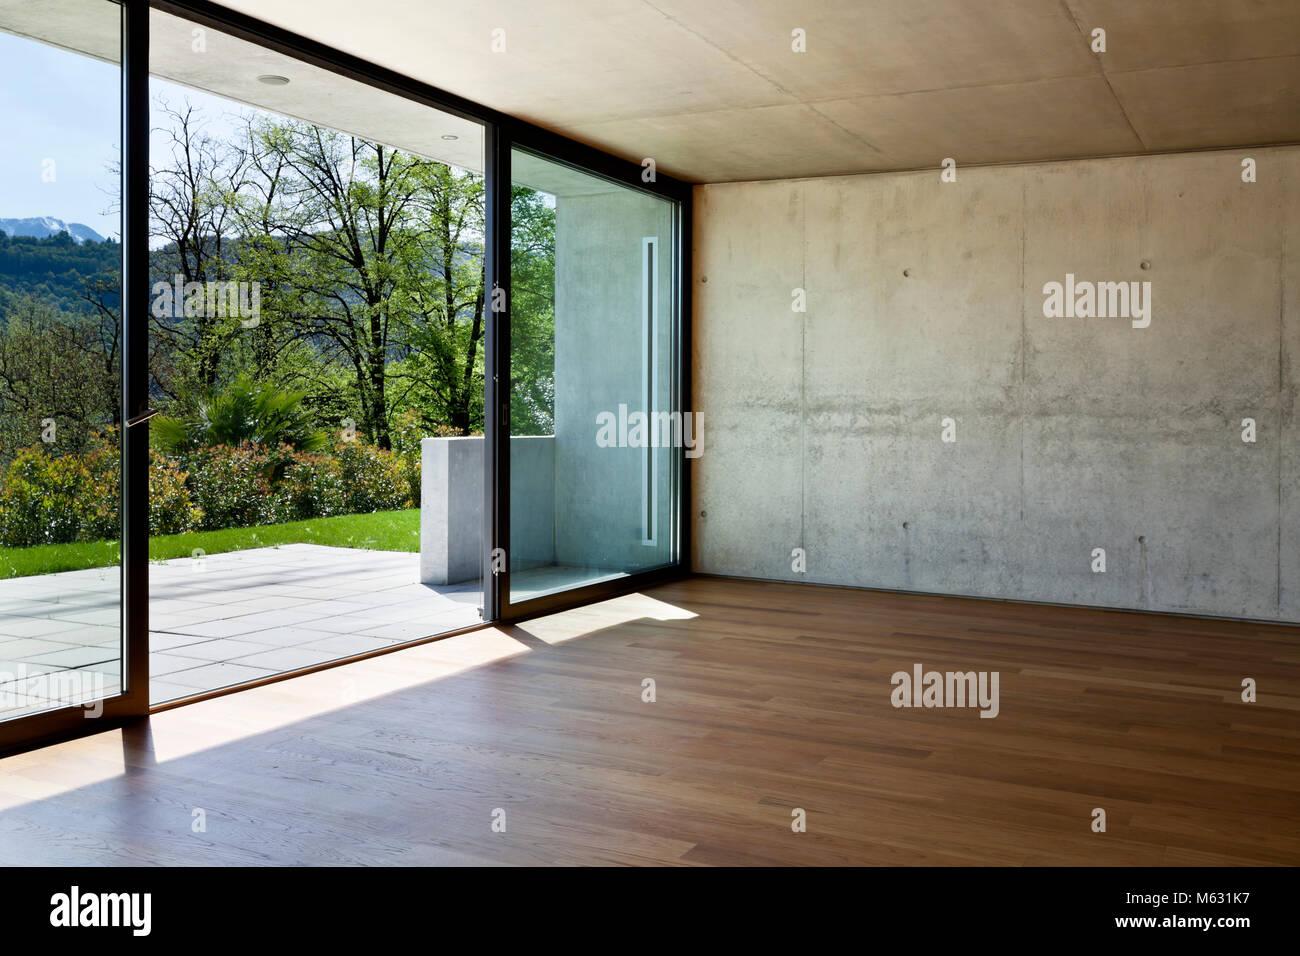 Moderne Beton Haus Mit Parkettboden Grosse Fenster Stockfoto